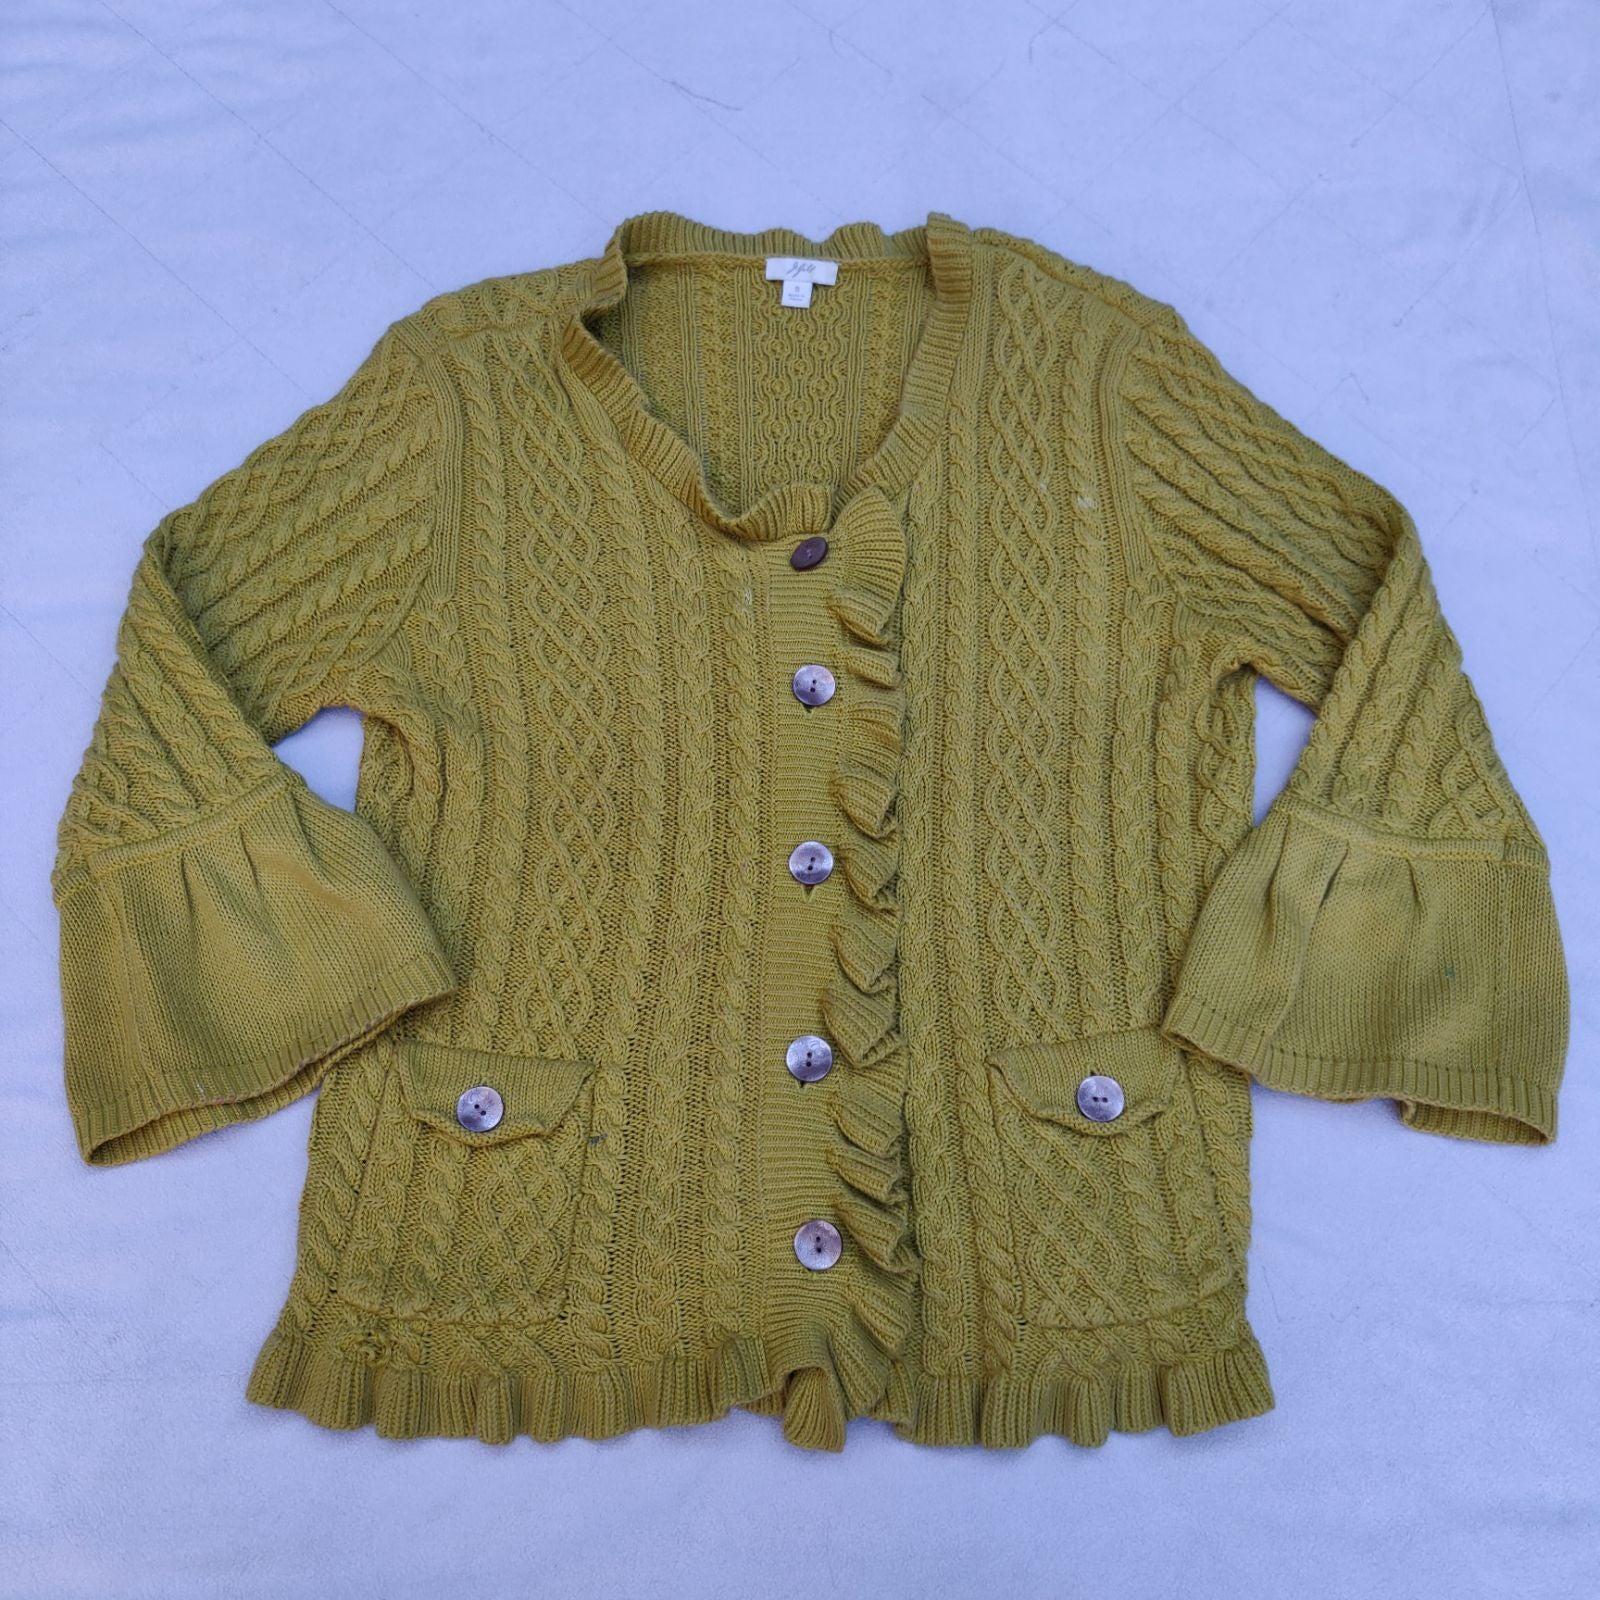 J. Jill Cable Knit Cardigan Sweater